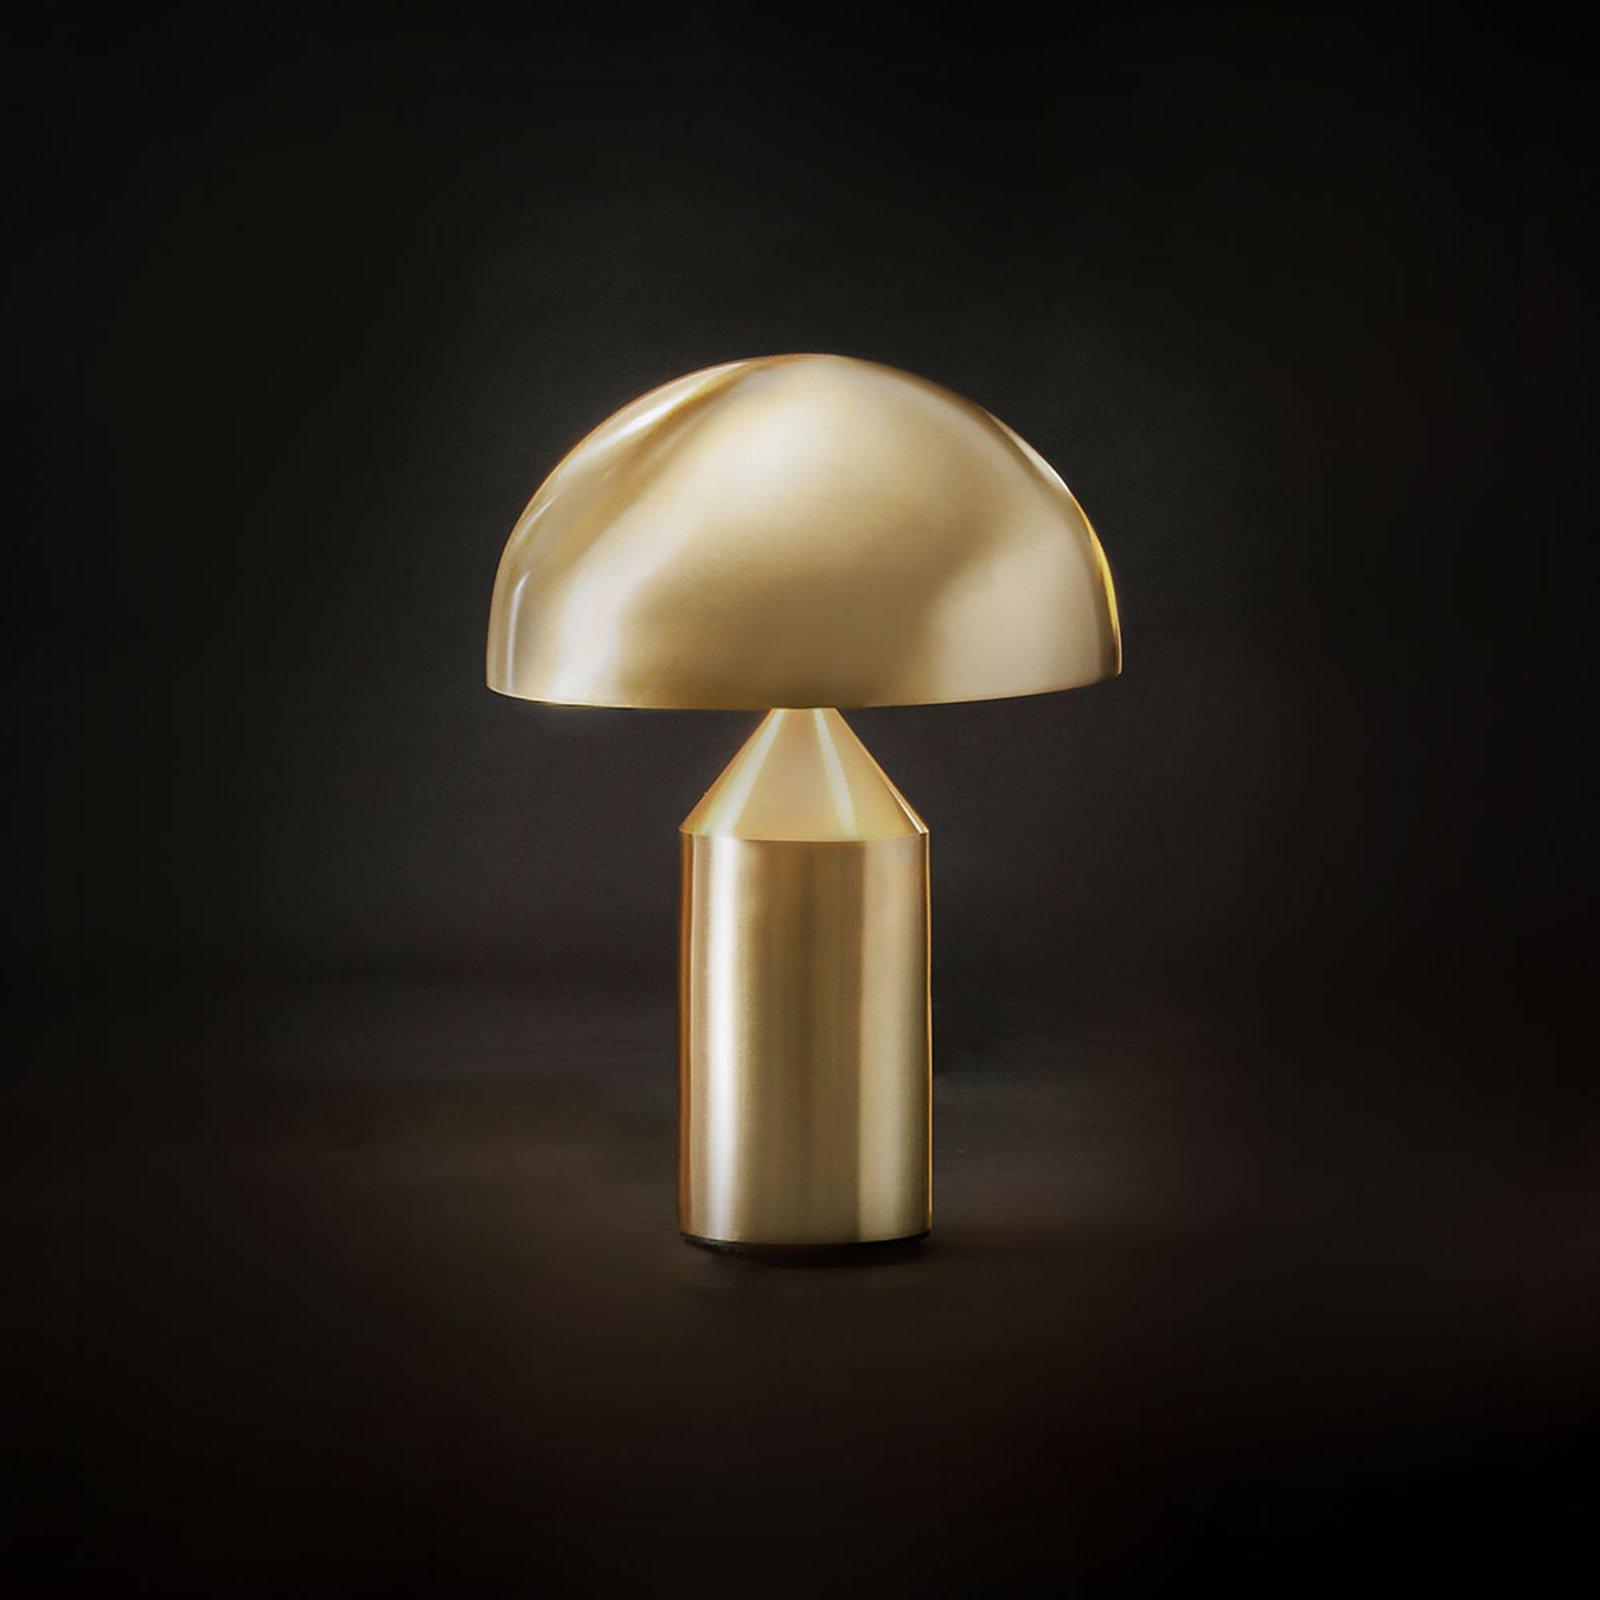 Oluce Atollo - bordlampe i gull, 35 cm